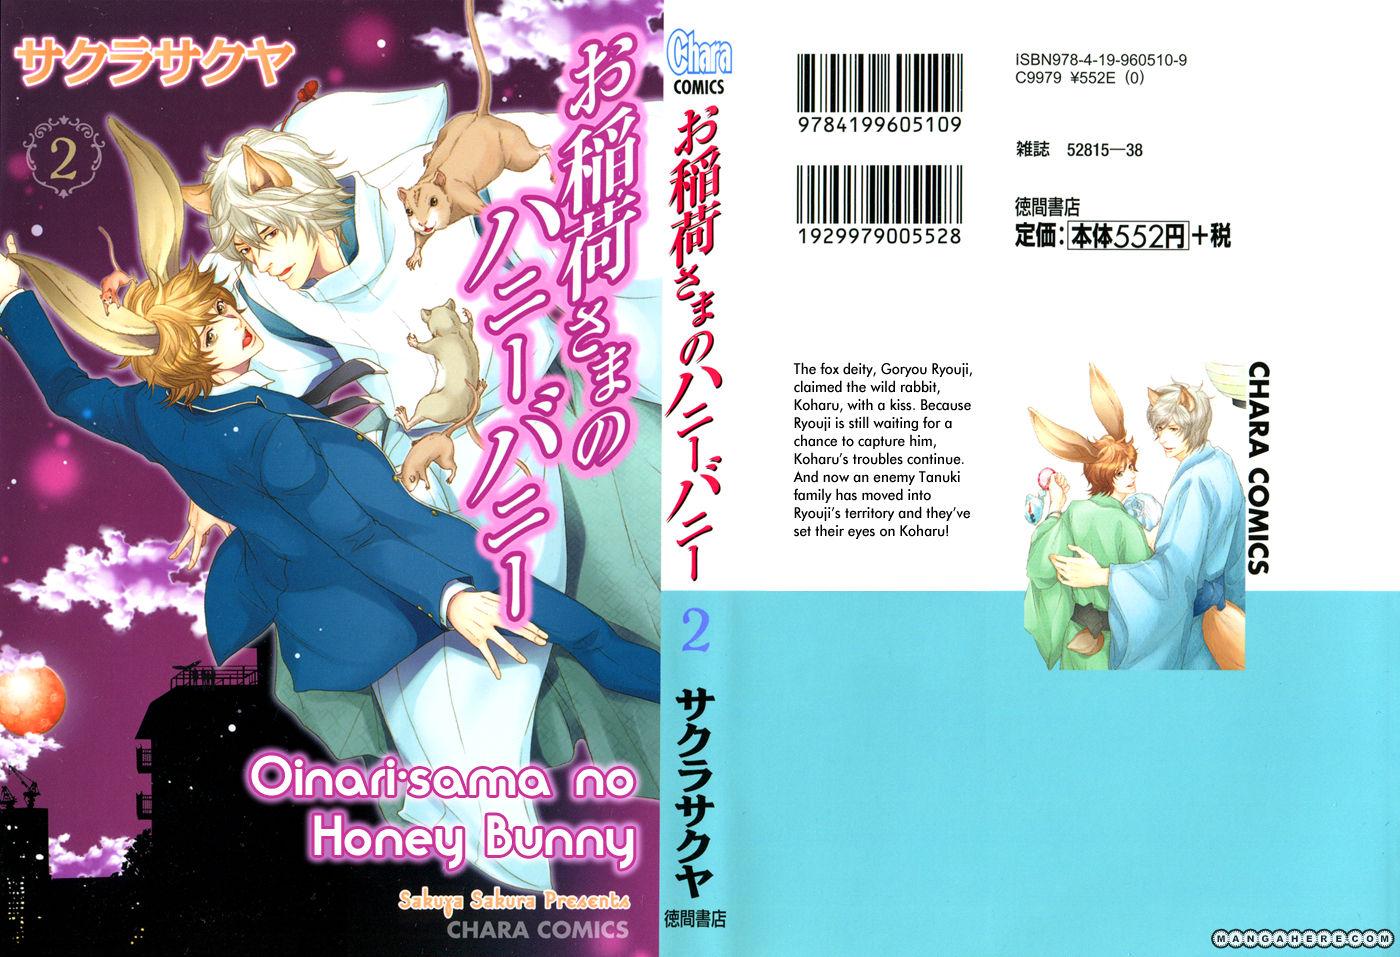 Oinarisama no Honey Bunny 7 Page 4